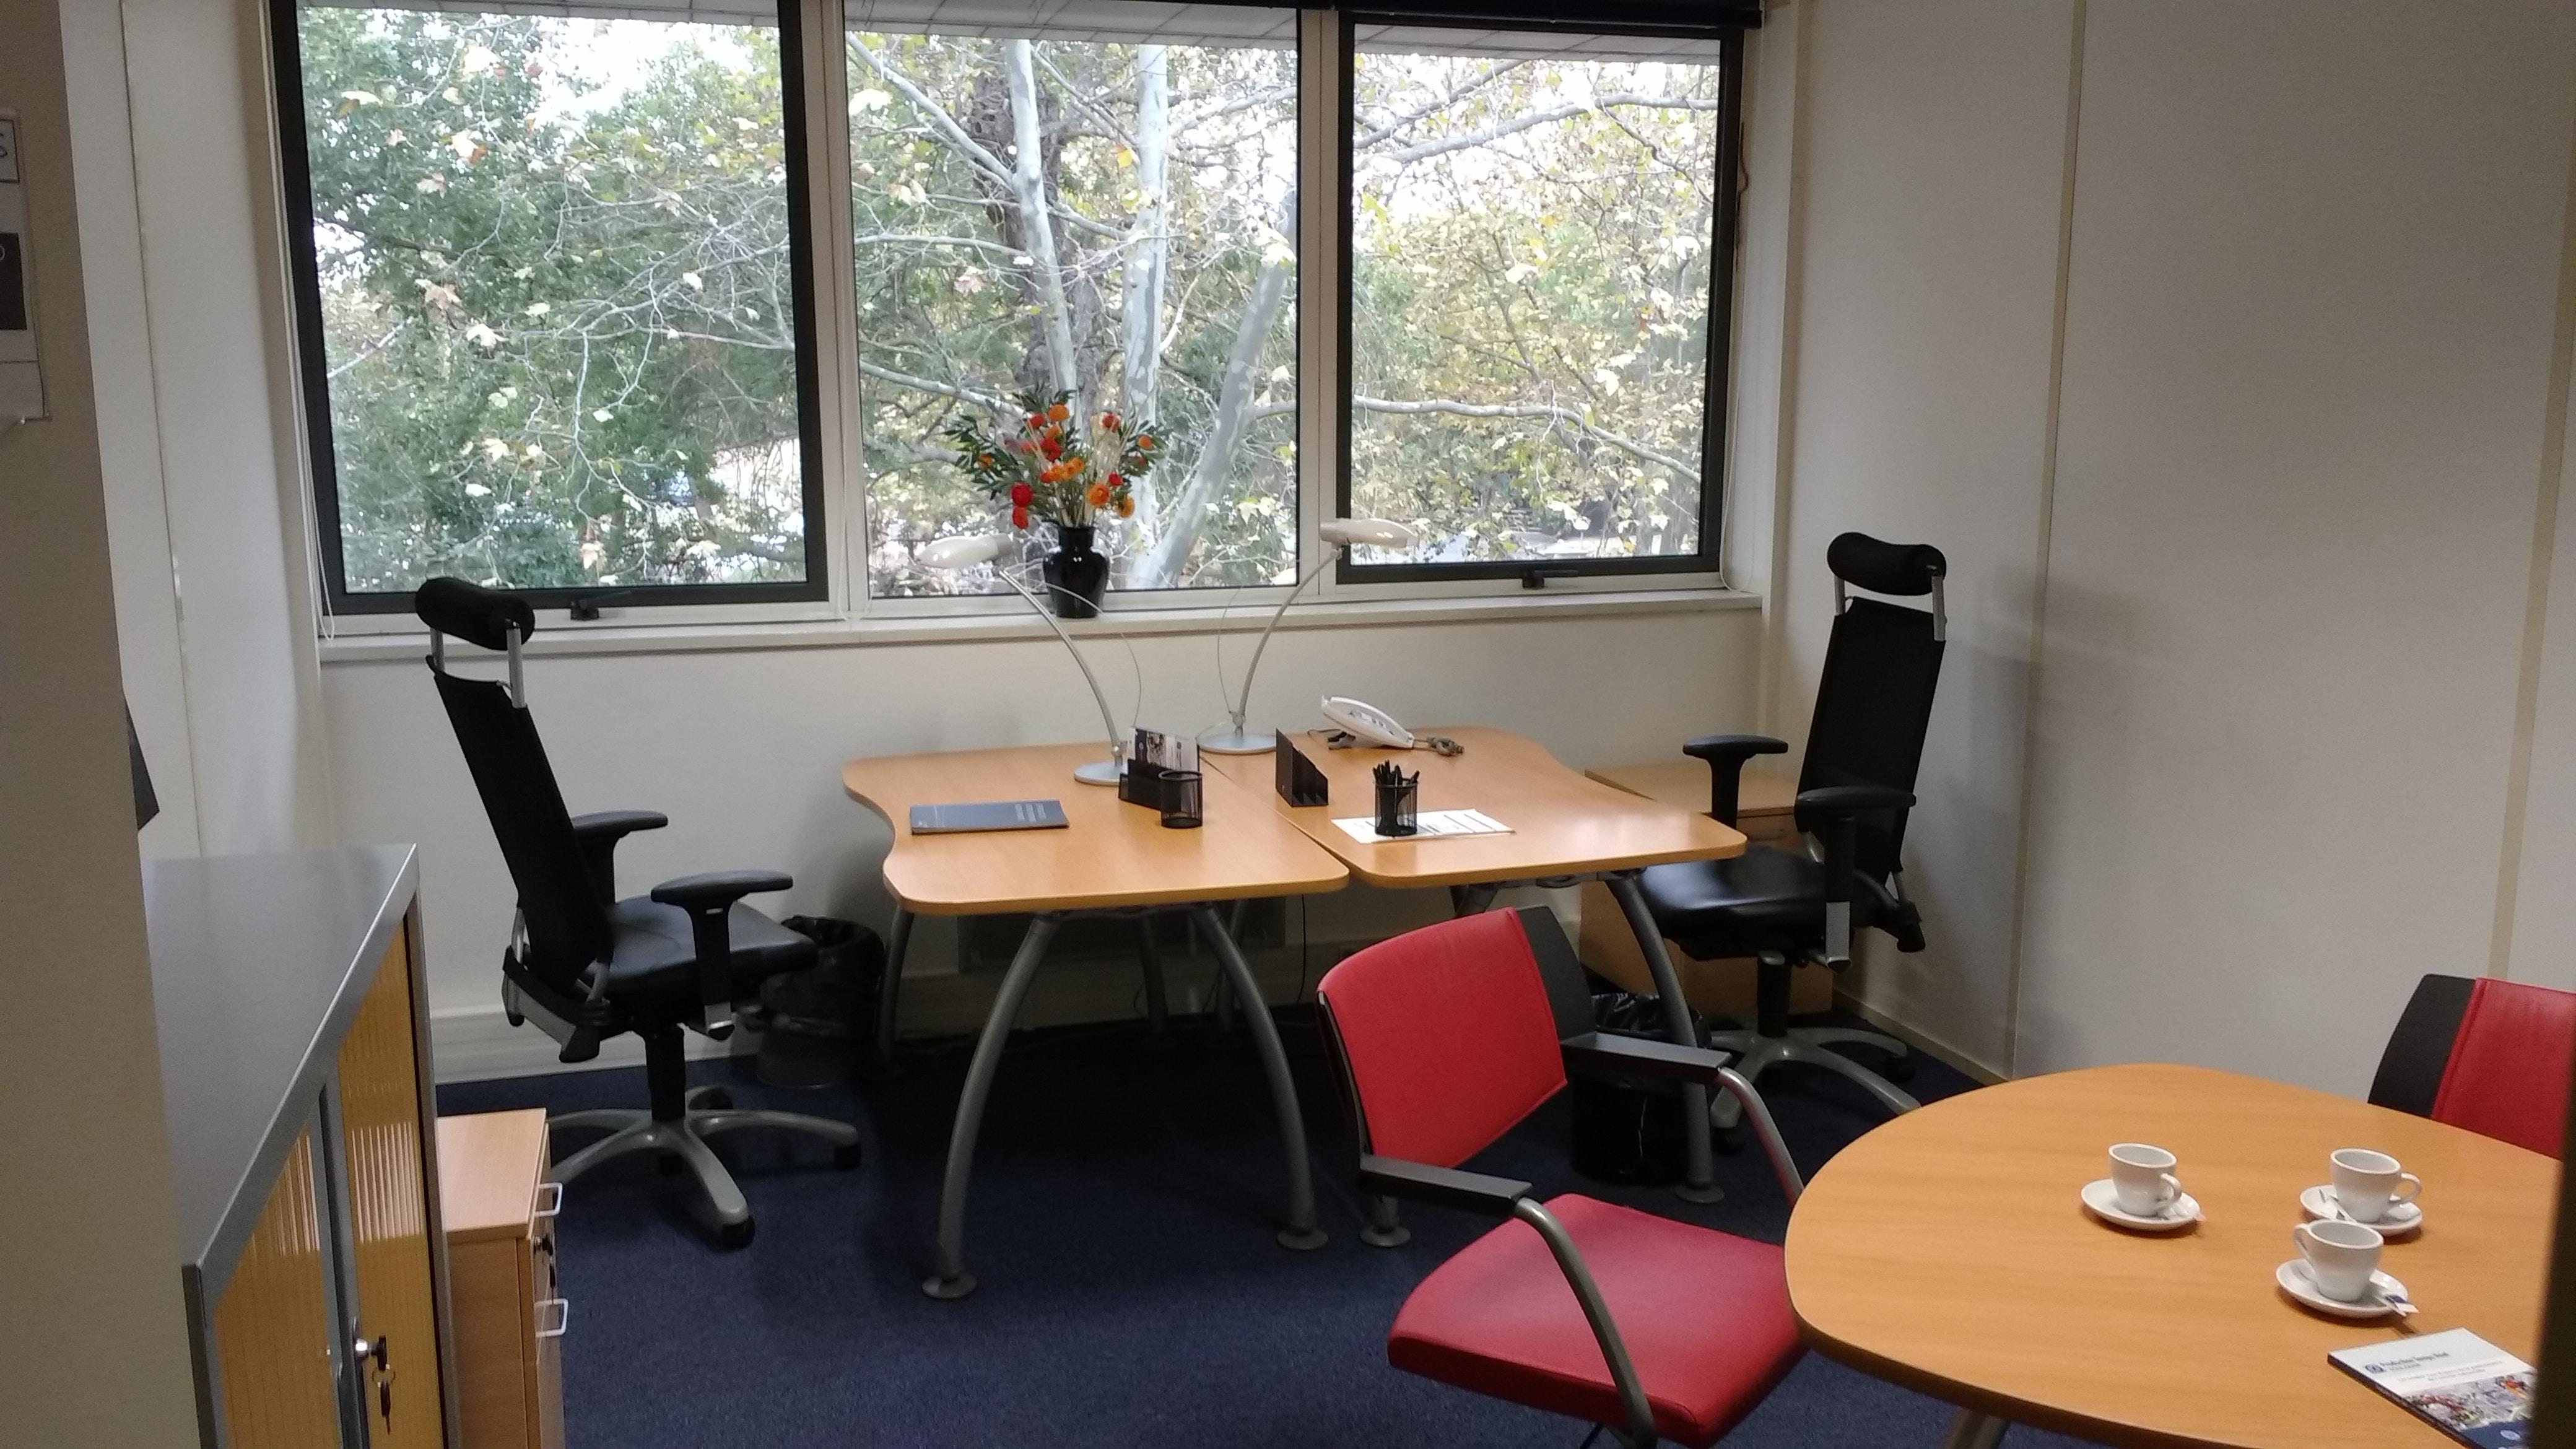 location de bureaux toulouse lab ge avec toulouse espaces affaires. Black Bedroom Furniture Sets. Home Design Ideas